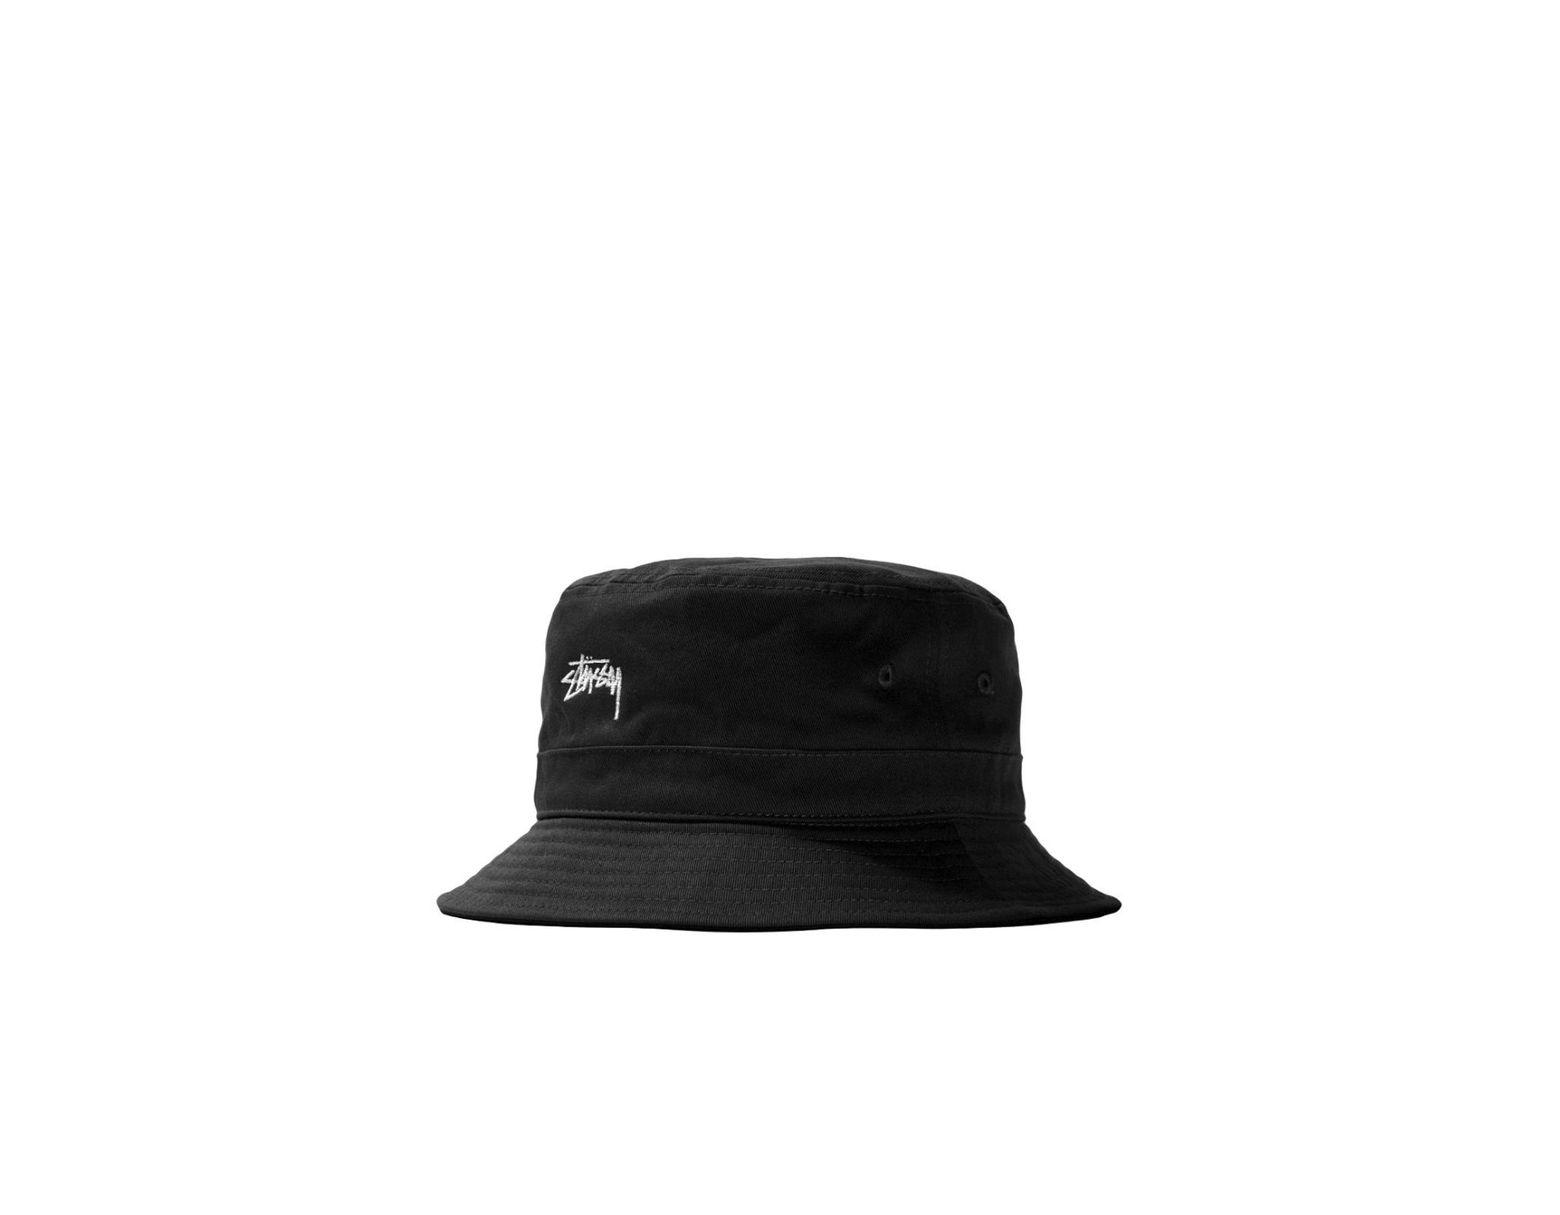 218e05efafcf Stussy Stock Band Bucket Hat Black in Black for Men - Lyst